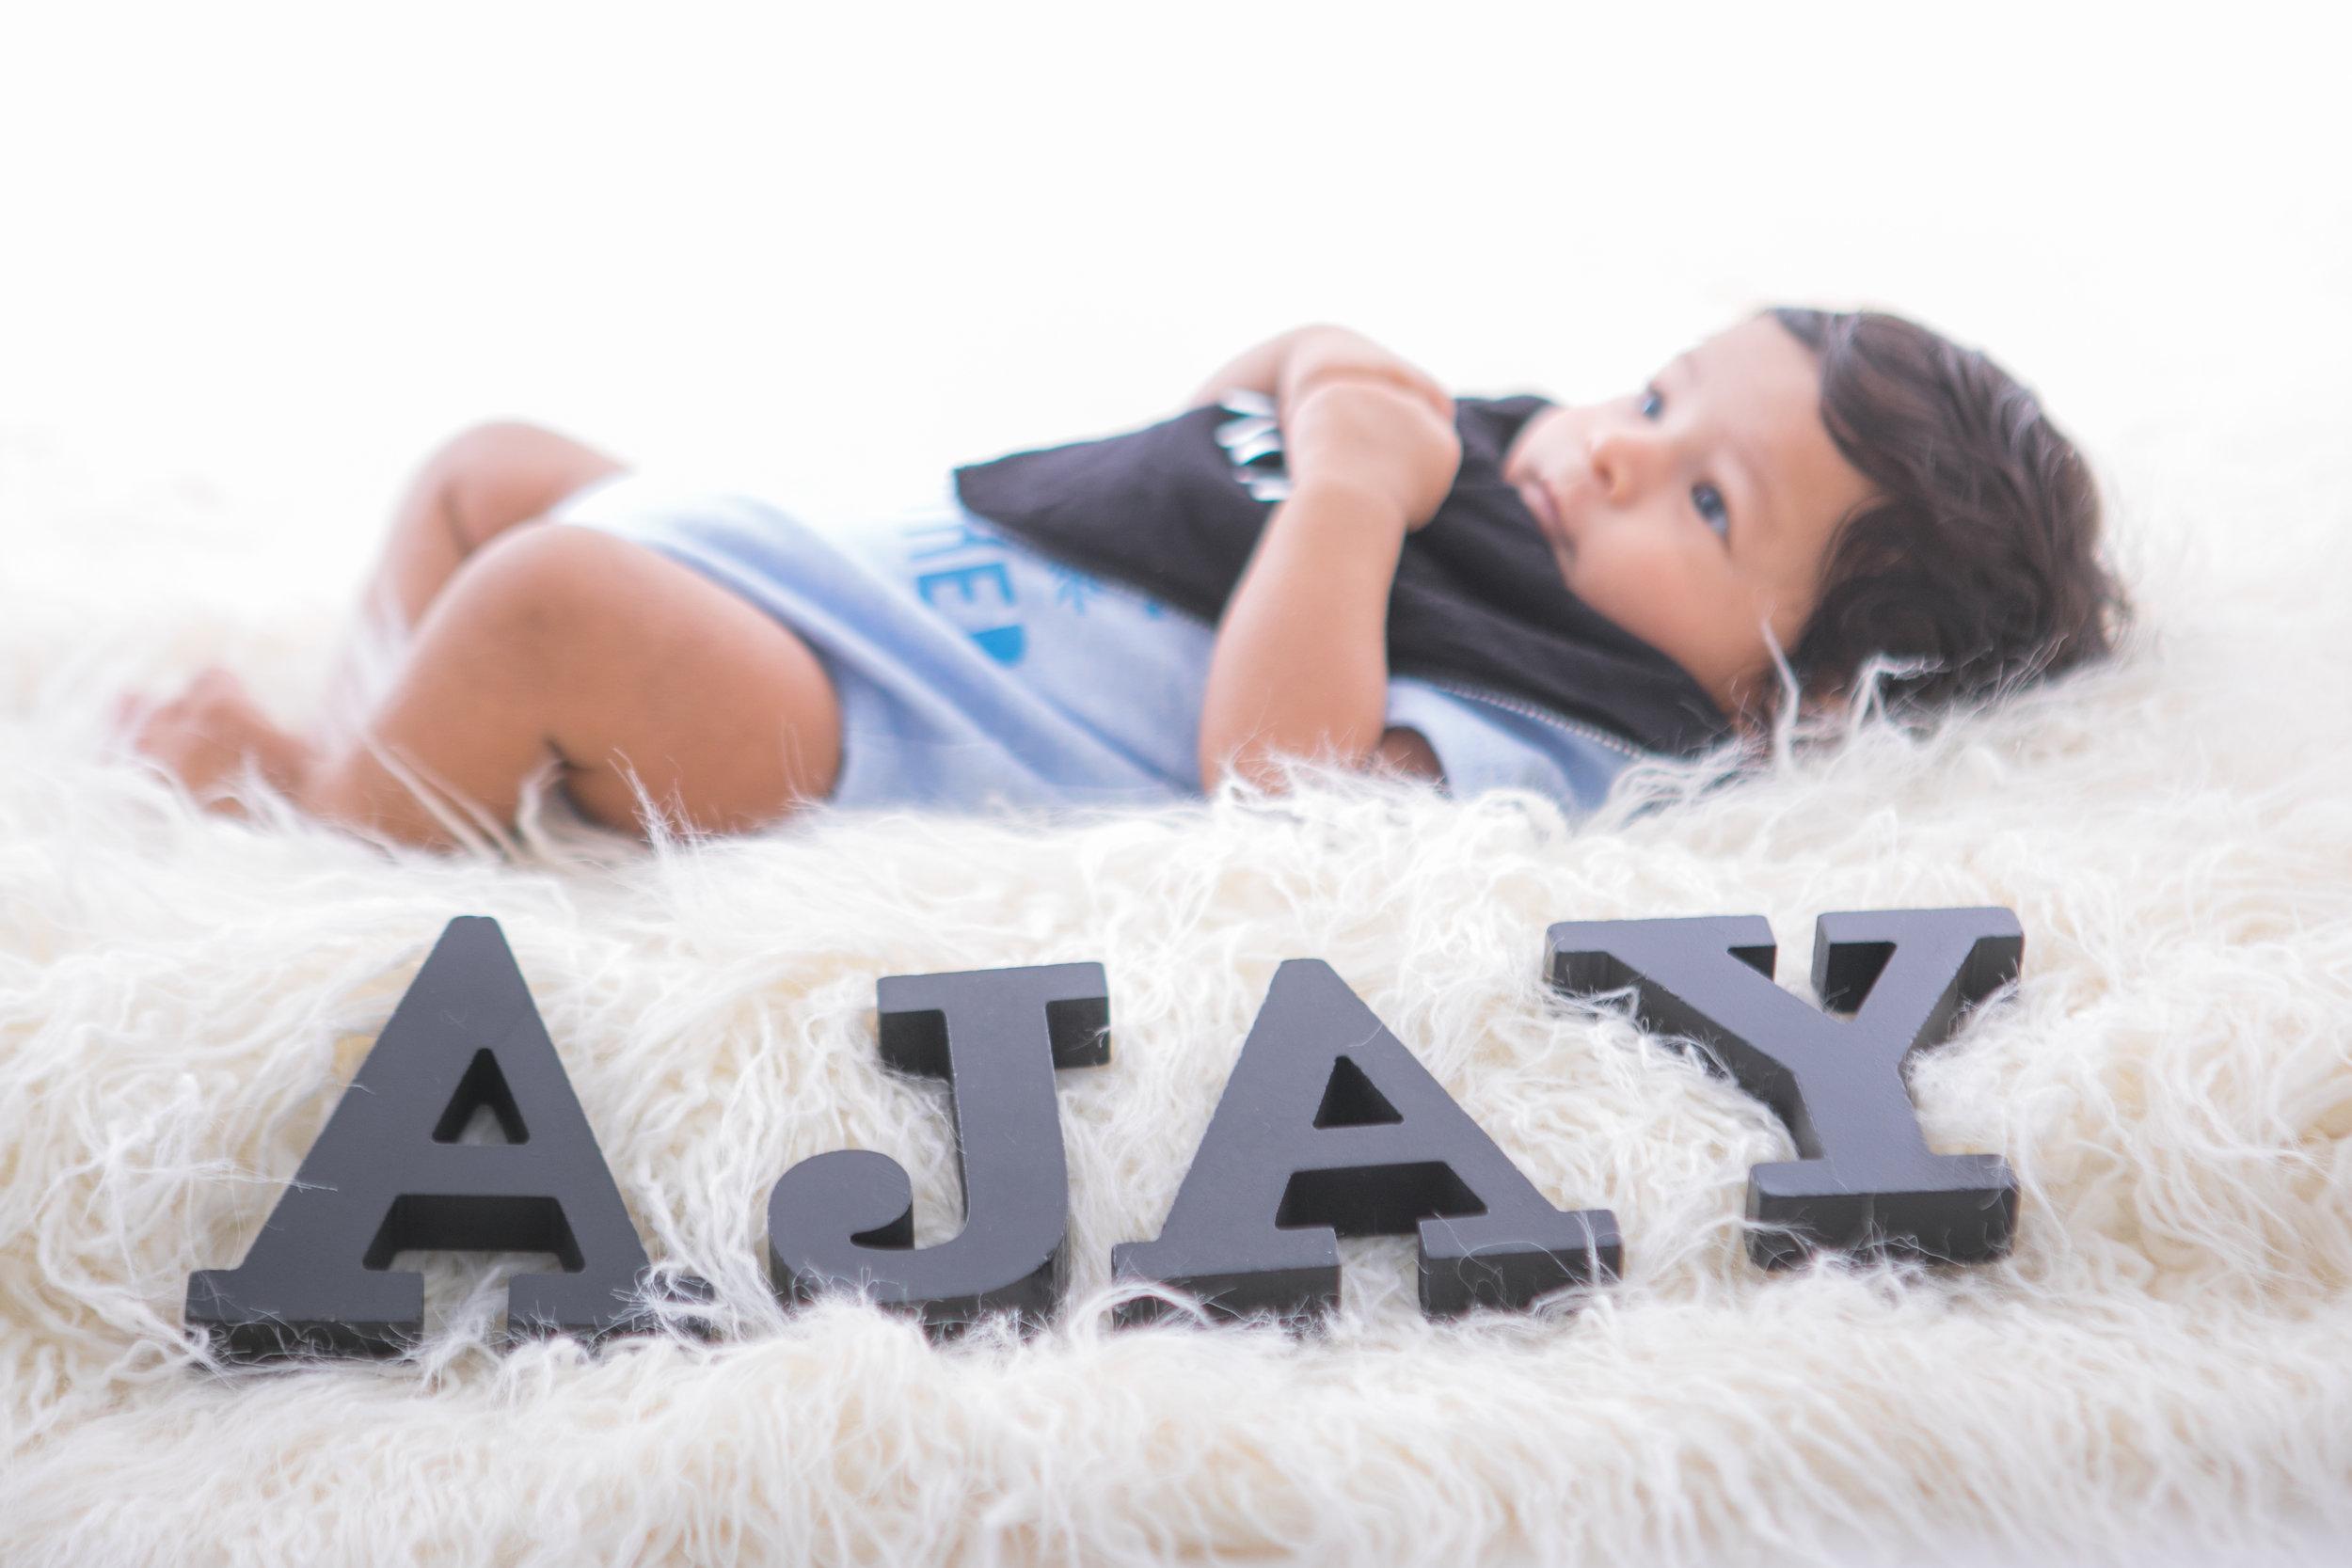 AJAY - BABY SHOOT